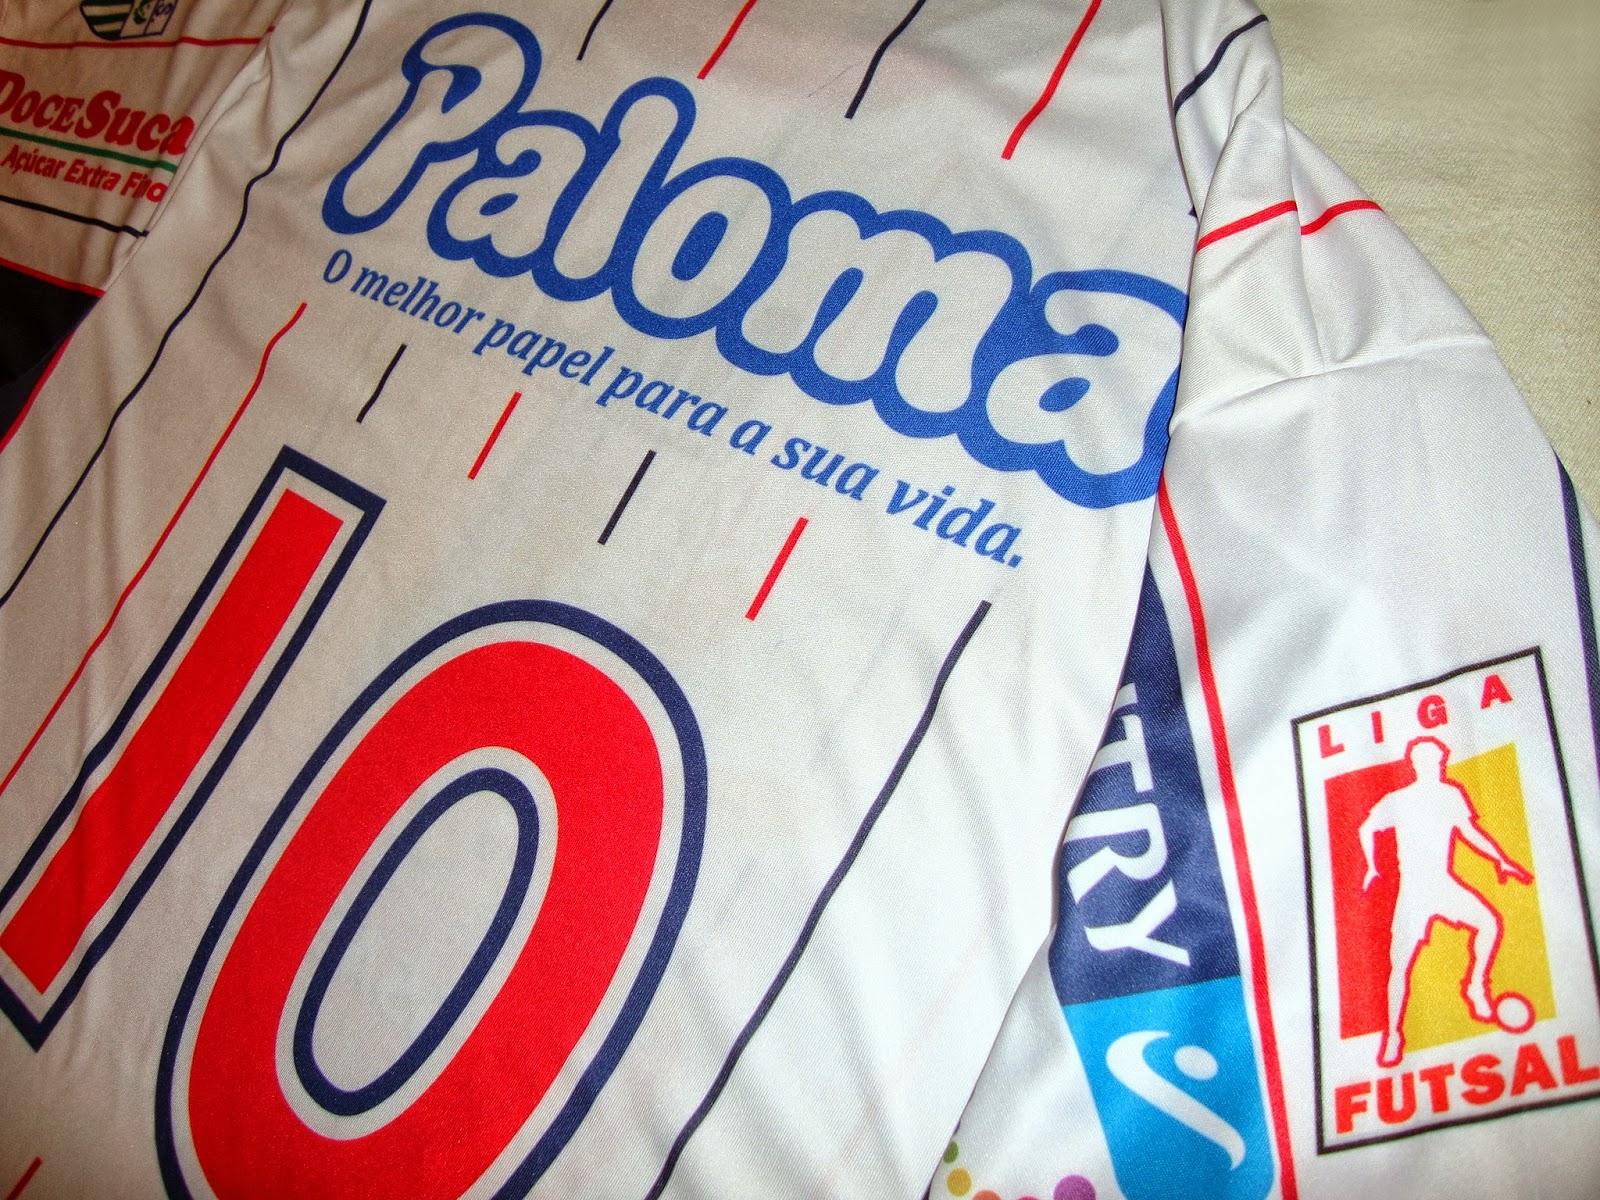 A Classic Football Shirts possui a maior coleção de camisas internacionais  de futebol. A loja faz entregas no mundo todo e usando o cupom